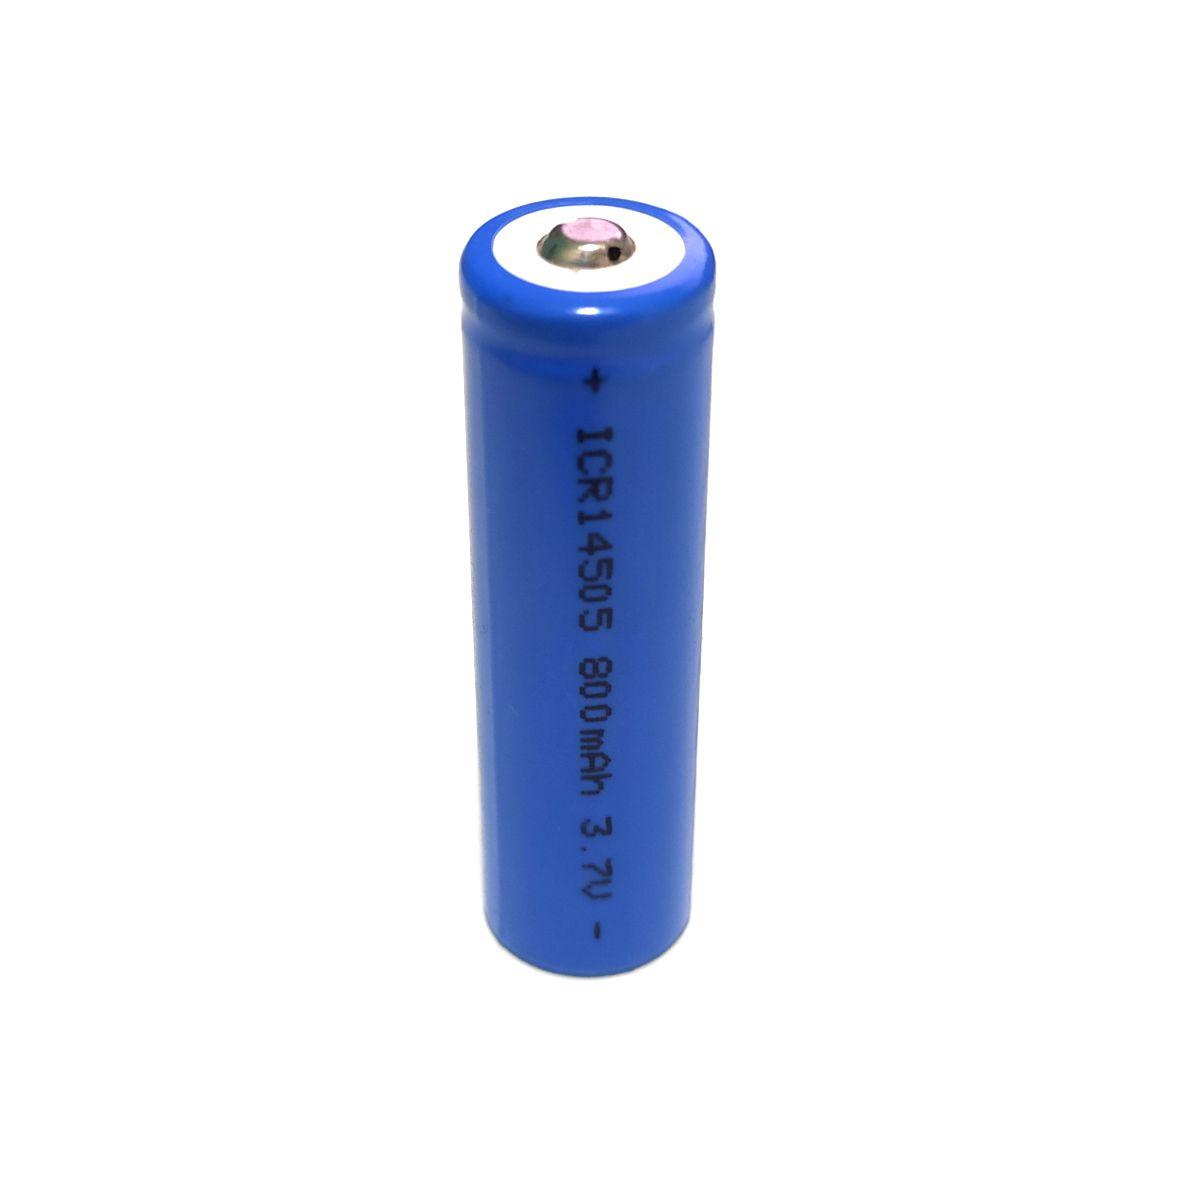 2x Bateria 3,7V 14505 de Lítio Recarregável - Tamanho AA